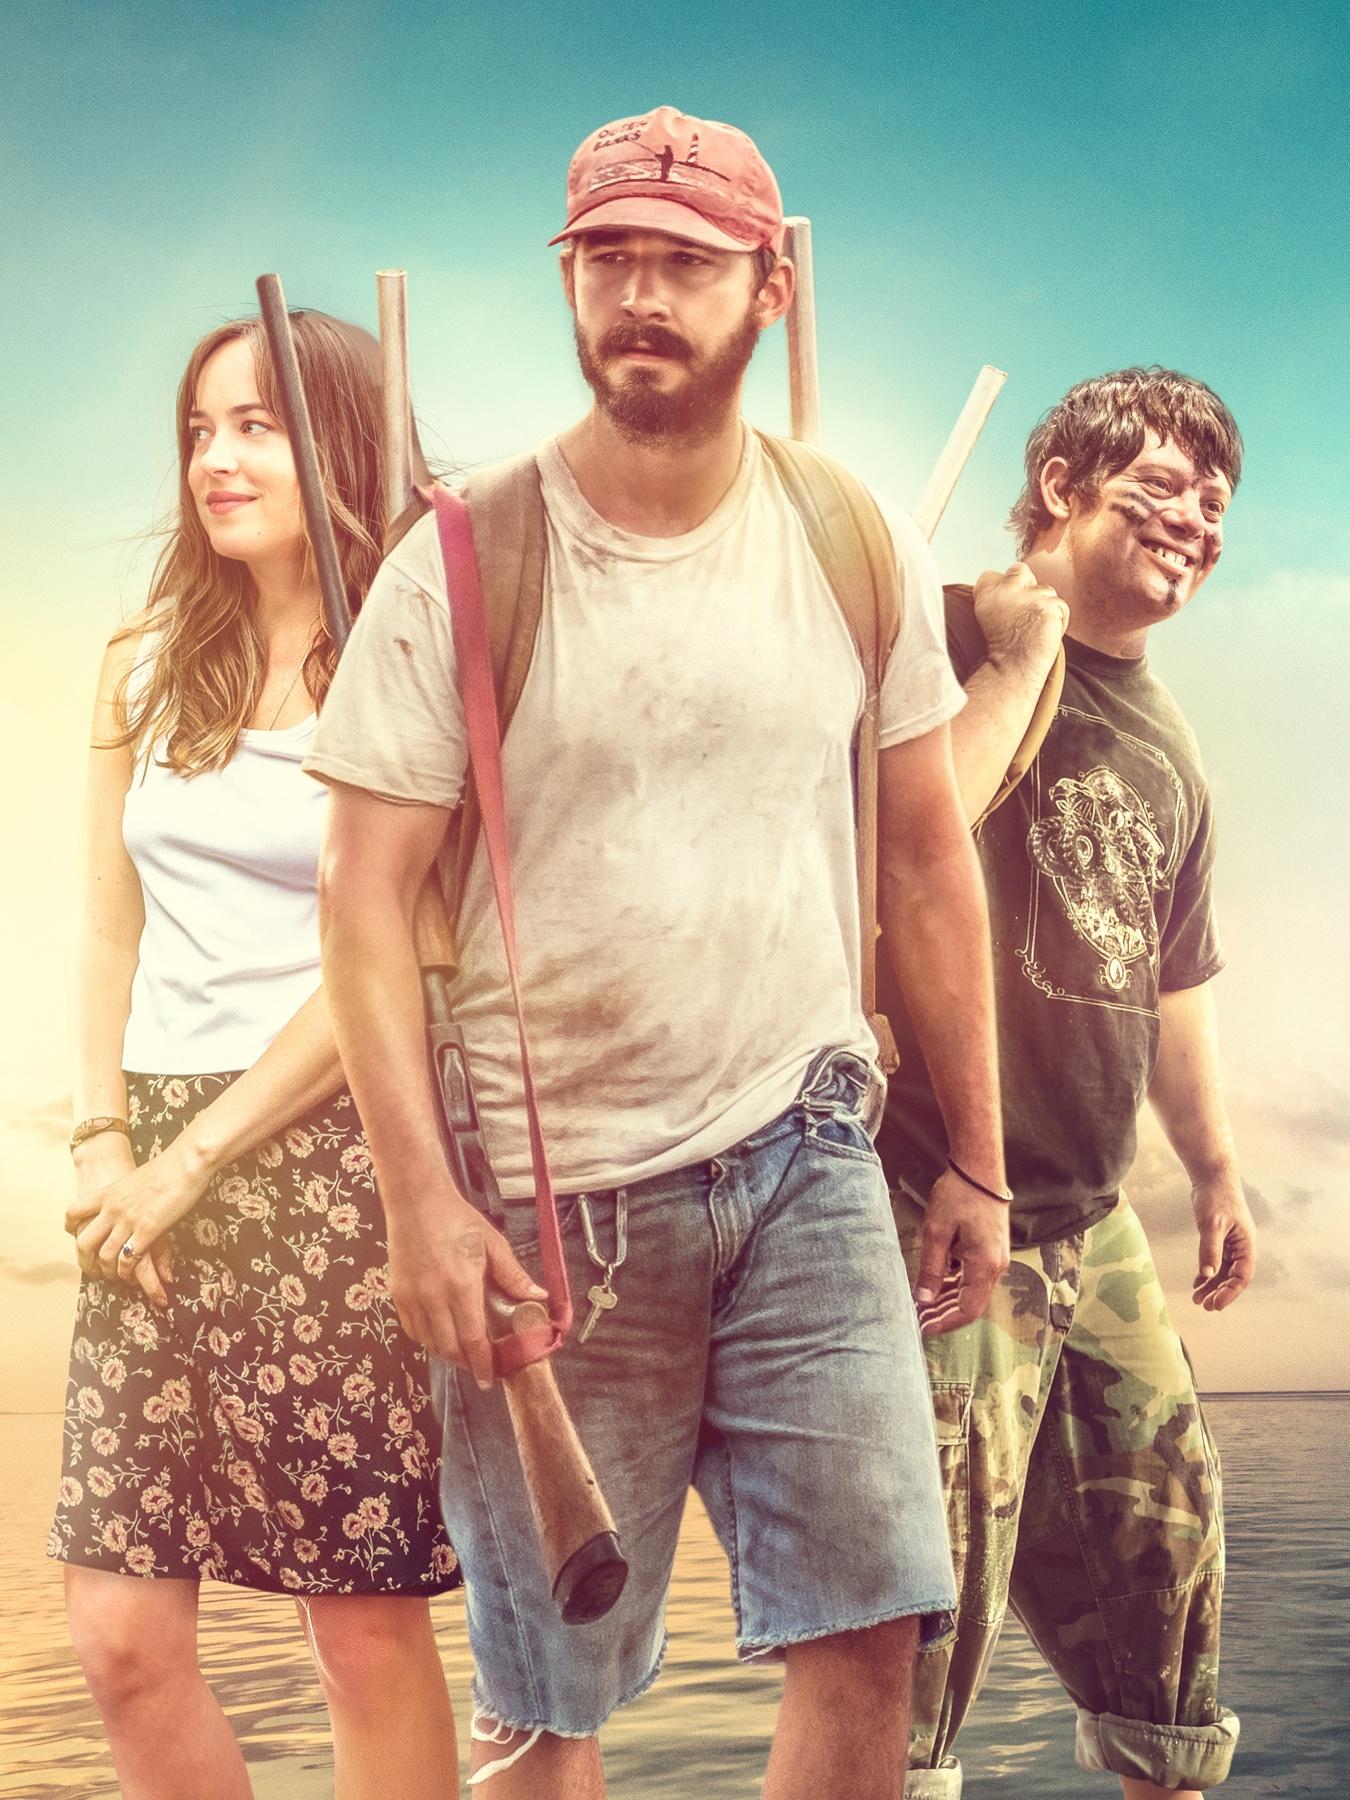 本片成為2019年美國最賣座的獨立電影,左起為達珂塔強森、西亞李畢福、查克格薩根